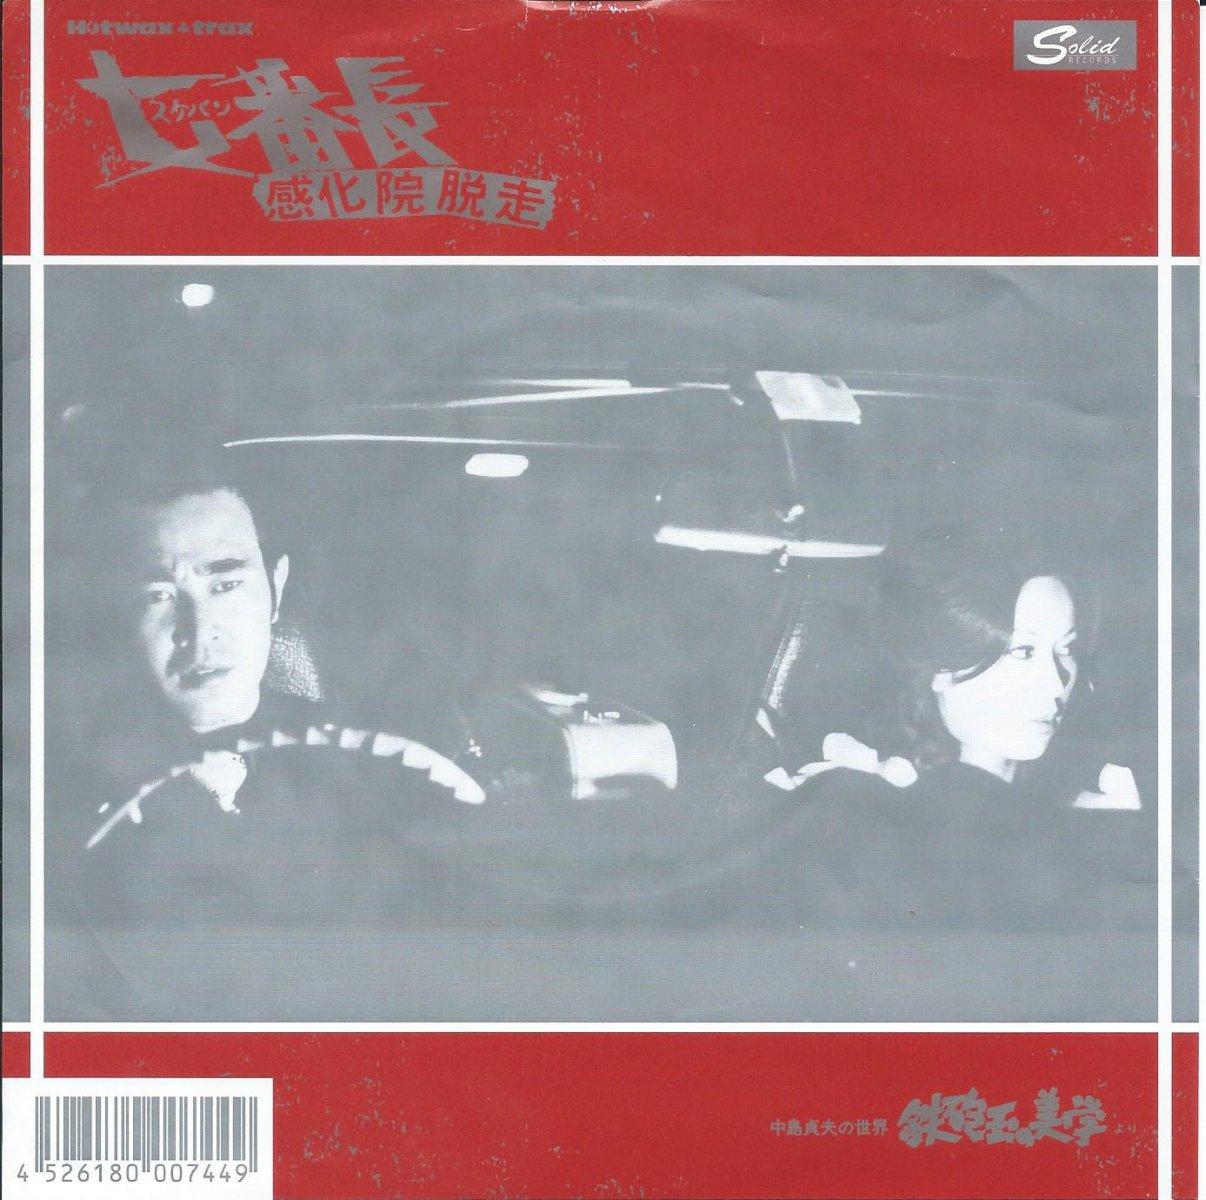 荒木一郎 (ICHIRO ARAKI) / スケバン 女番長感化院脱走 (EDITED BY DJ XXXL & DJ MURO) (7